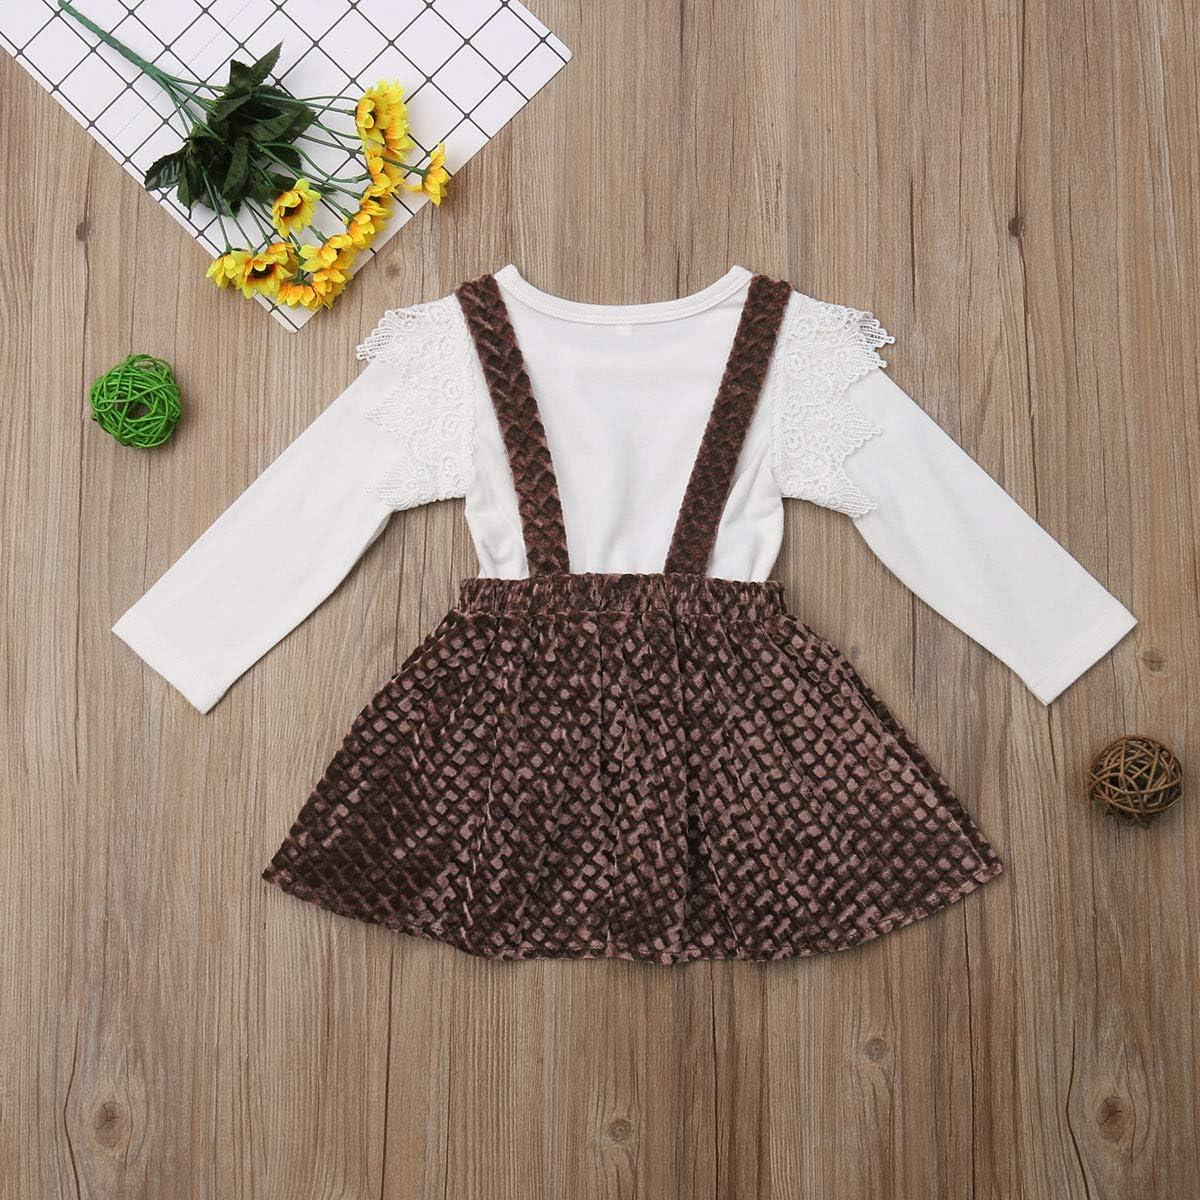 Mericiny 1-6T Little Girls Ruffle Lace Shirt Velvet Suspender Skirt 2PCS Outfits